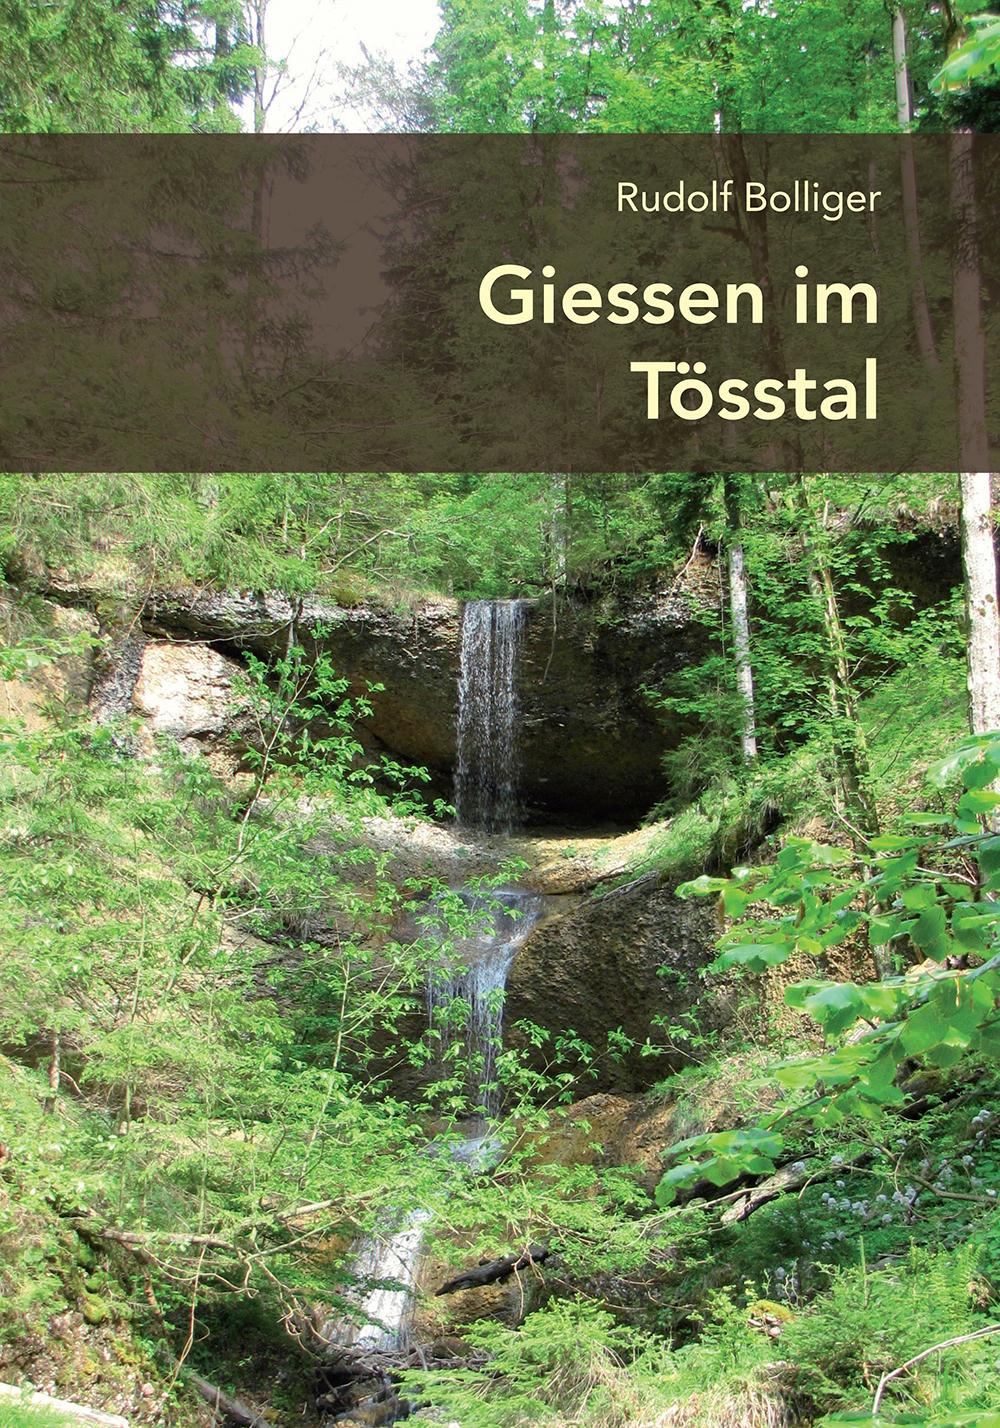 «Giessen im Tösstal», Rudolf Bolliger, Weisslingen 2020, Signatur: 2020 C 10893